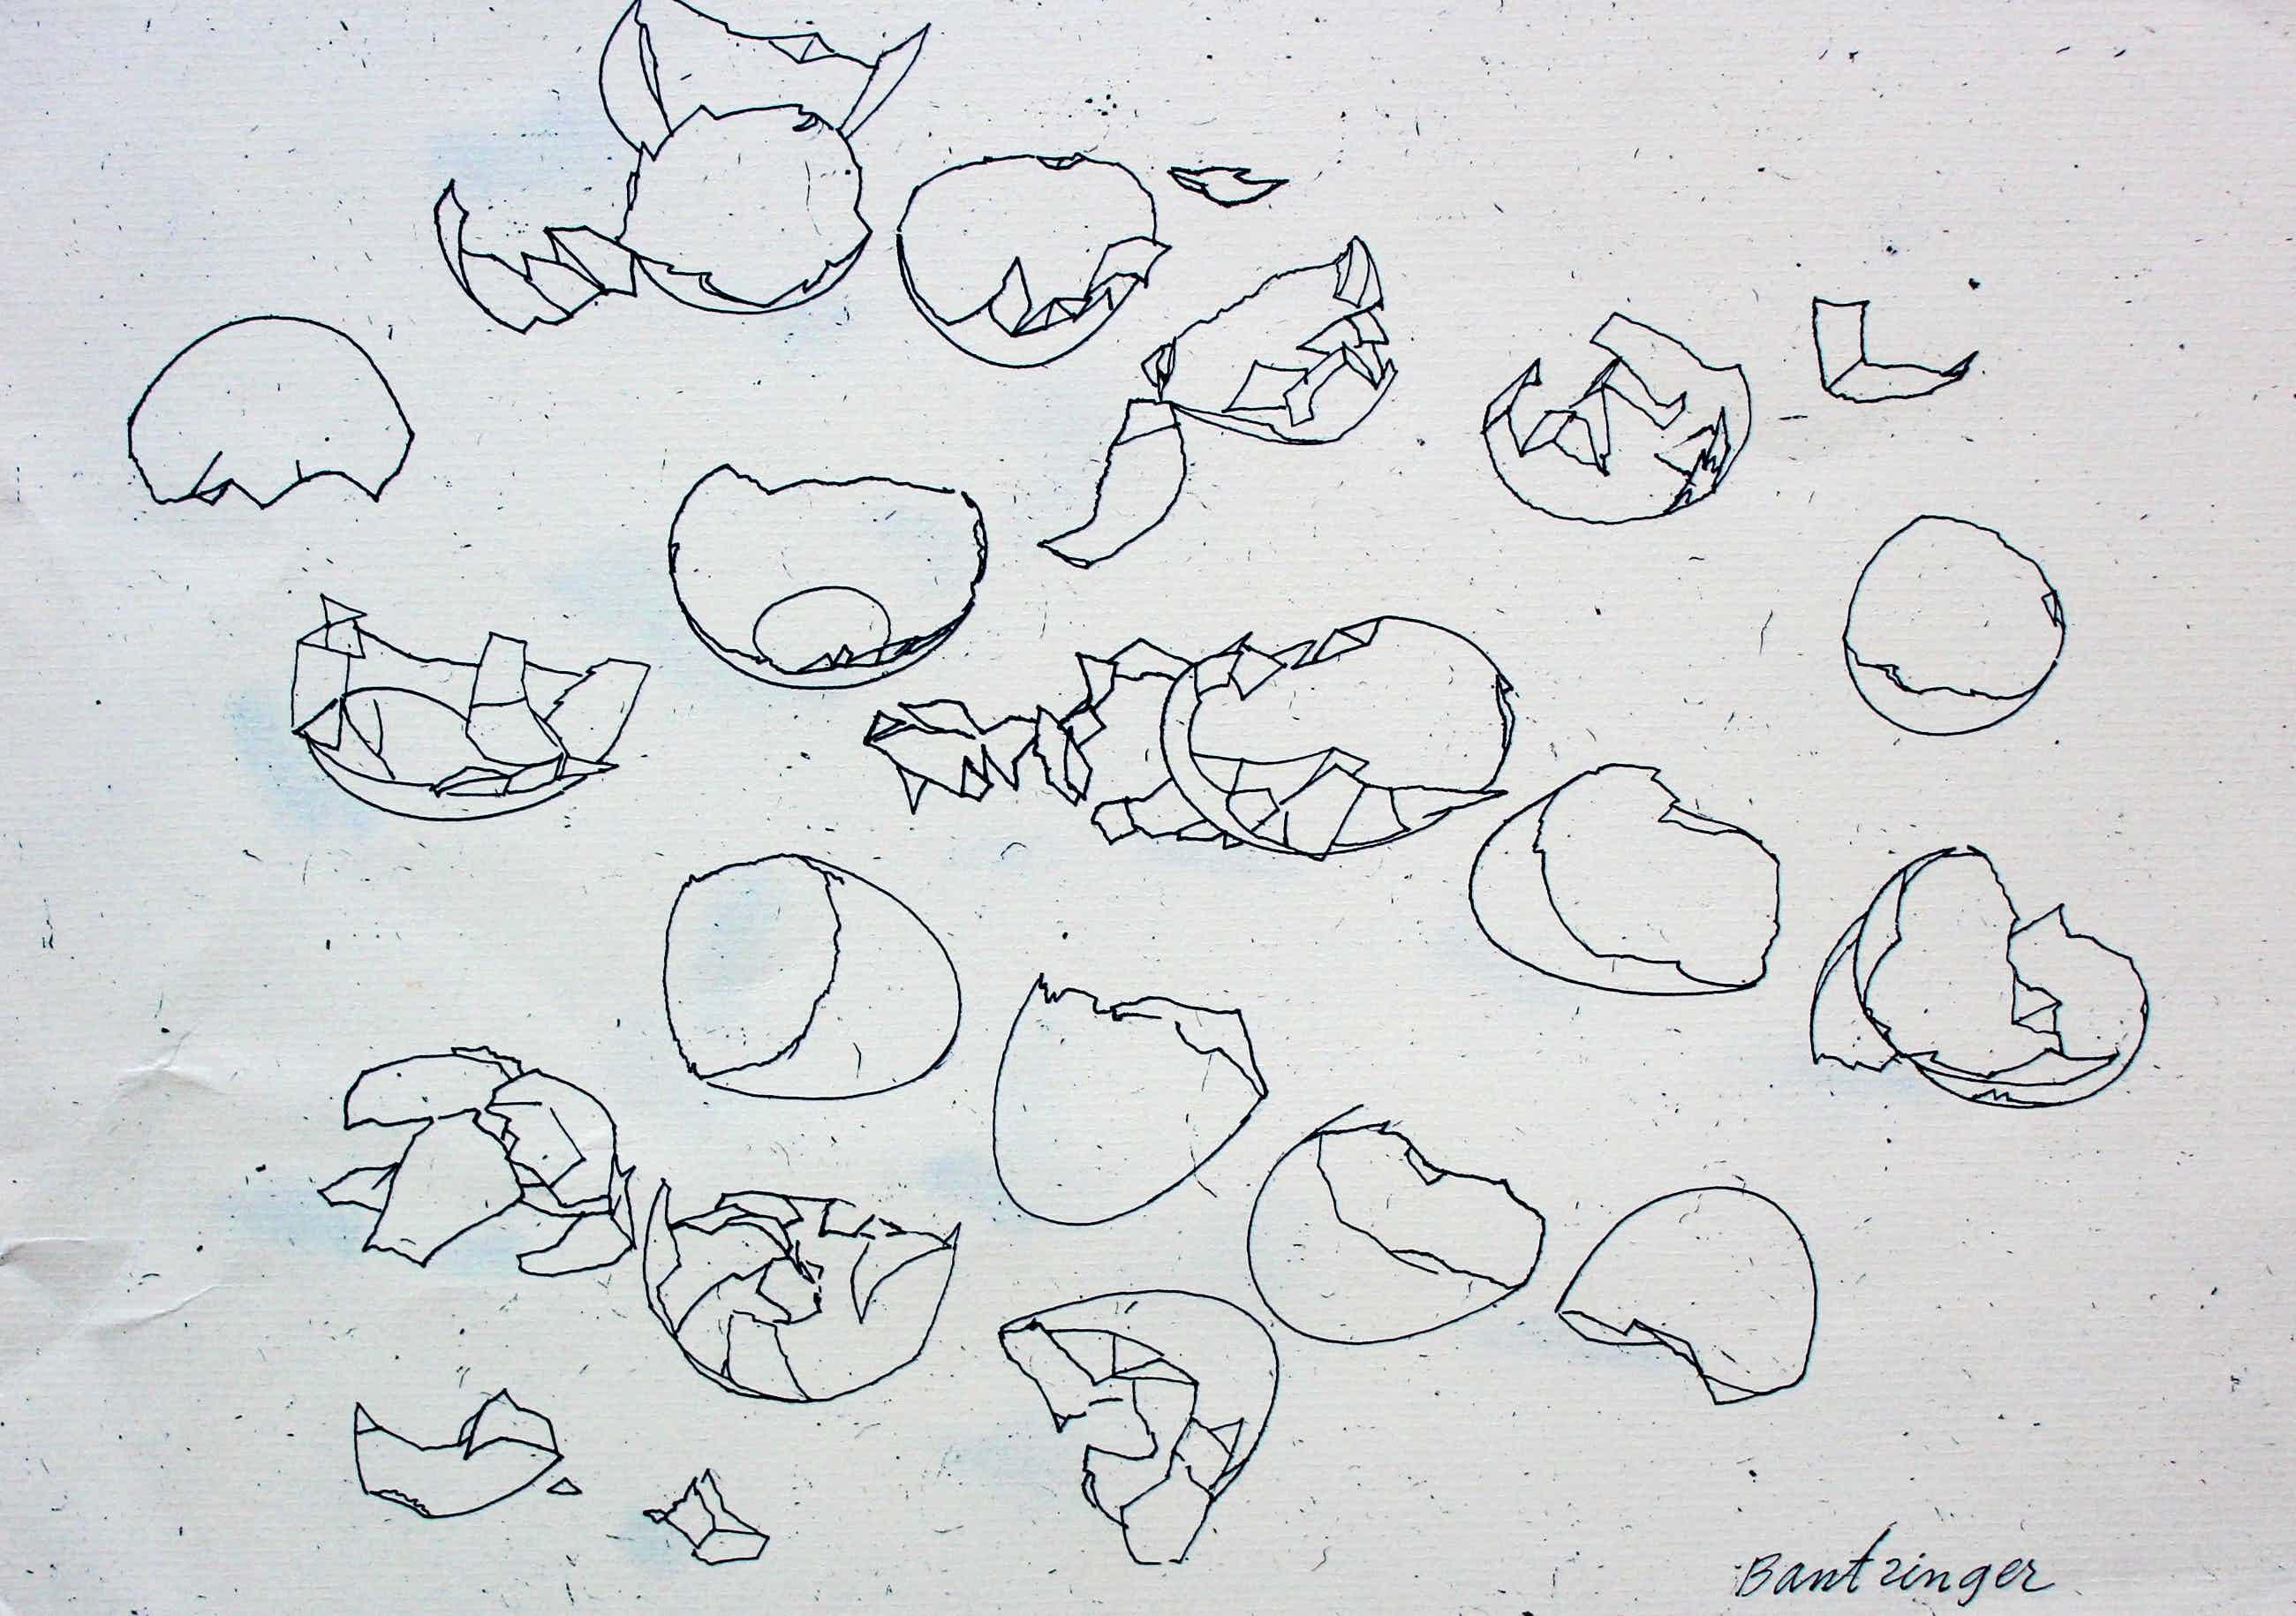 Cees Bantzinger - Pen tekening: Nieuwjaarskaart met een tekst van Joop Braakhekke - 1984 kopen? Bied vanaf 55!